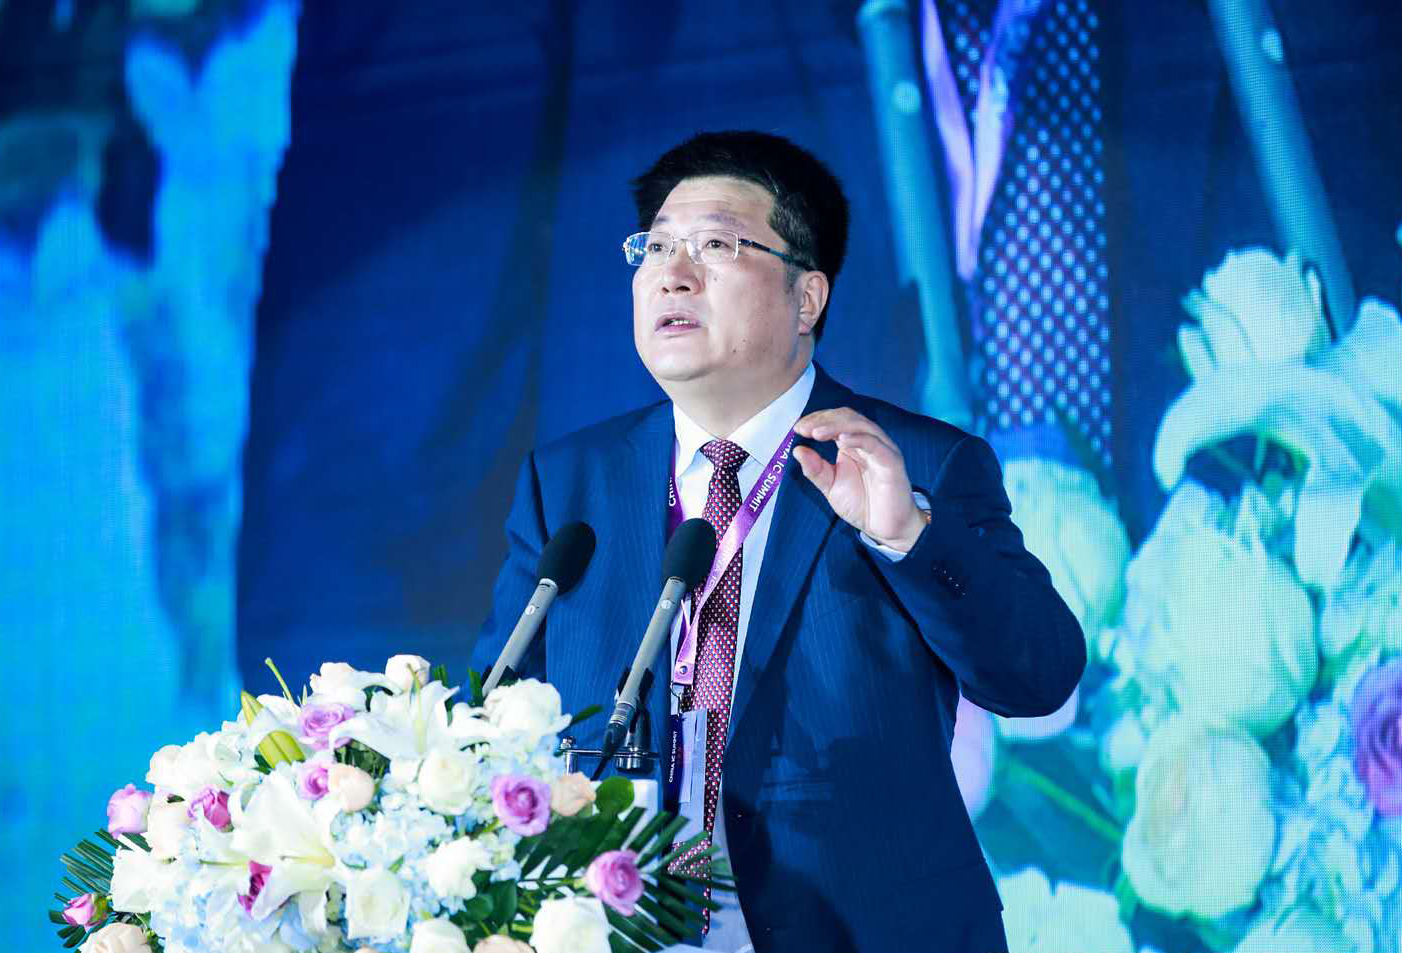 紫光集团赵伟国:十年后中国集成电路在全球会有一席之地